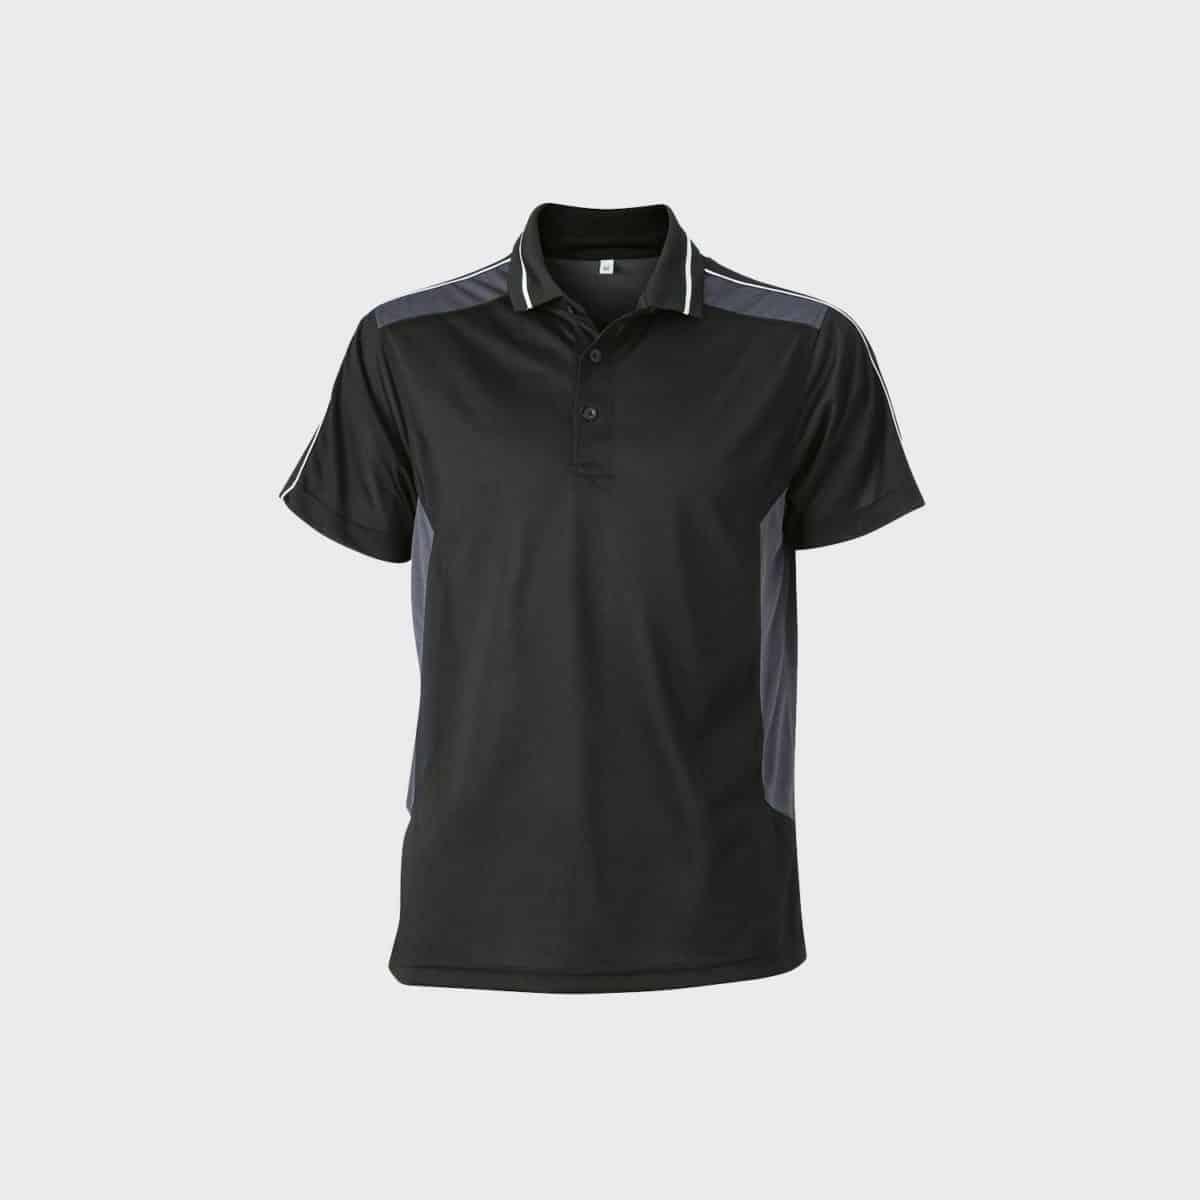 craftsmen-polo-t-shirt-herren-black-carbon-kaufen-besticken_stickmanufaktur